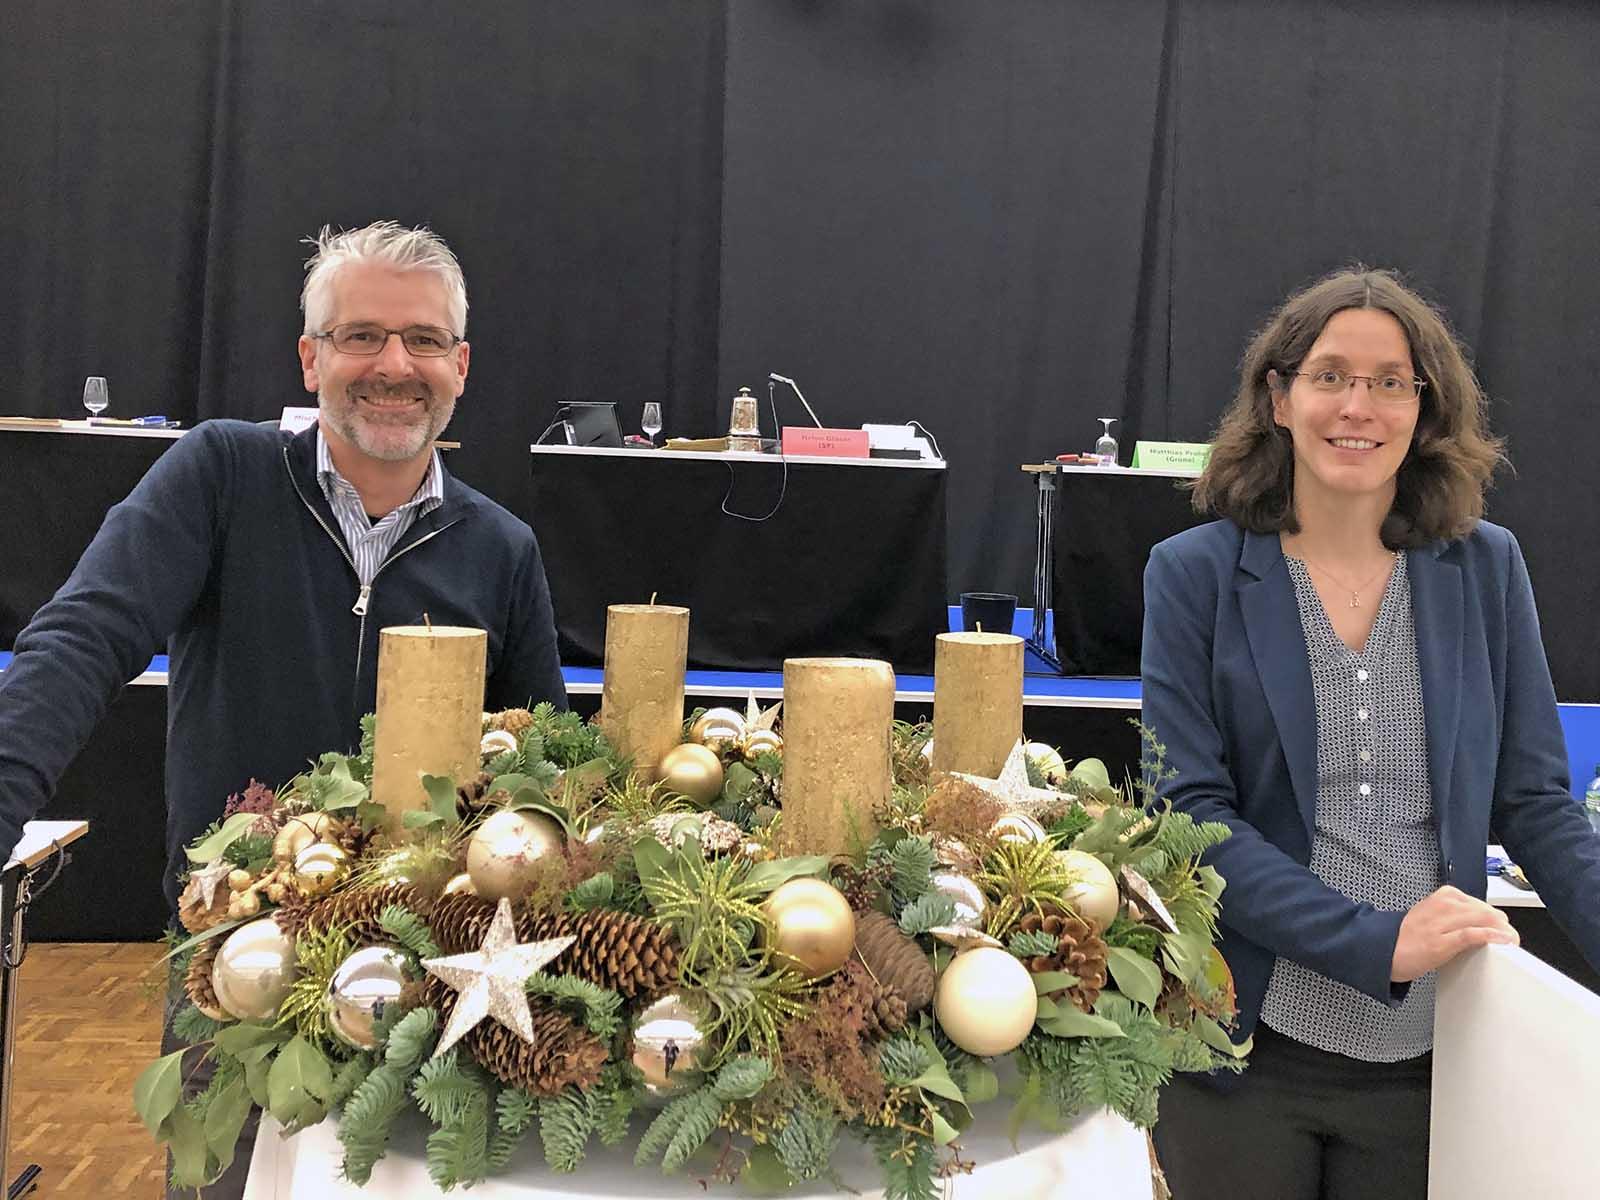 Andreas Egli und Martina Zürcher im temporären Gemeinderatssaal in der Messe Zürich.